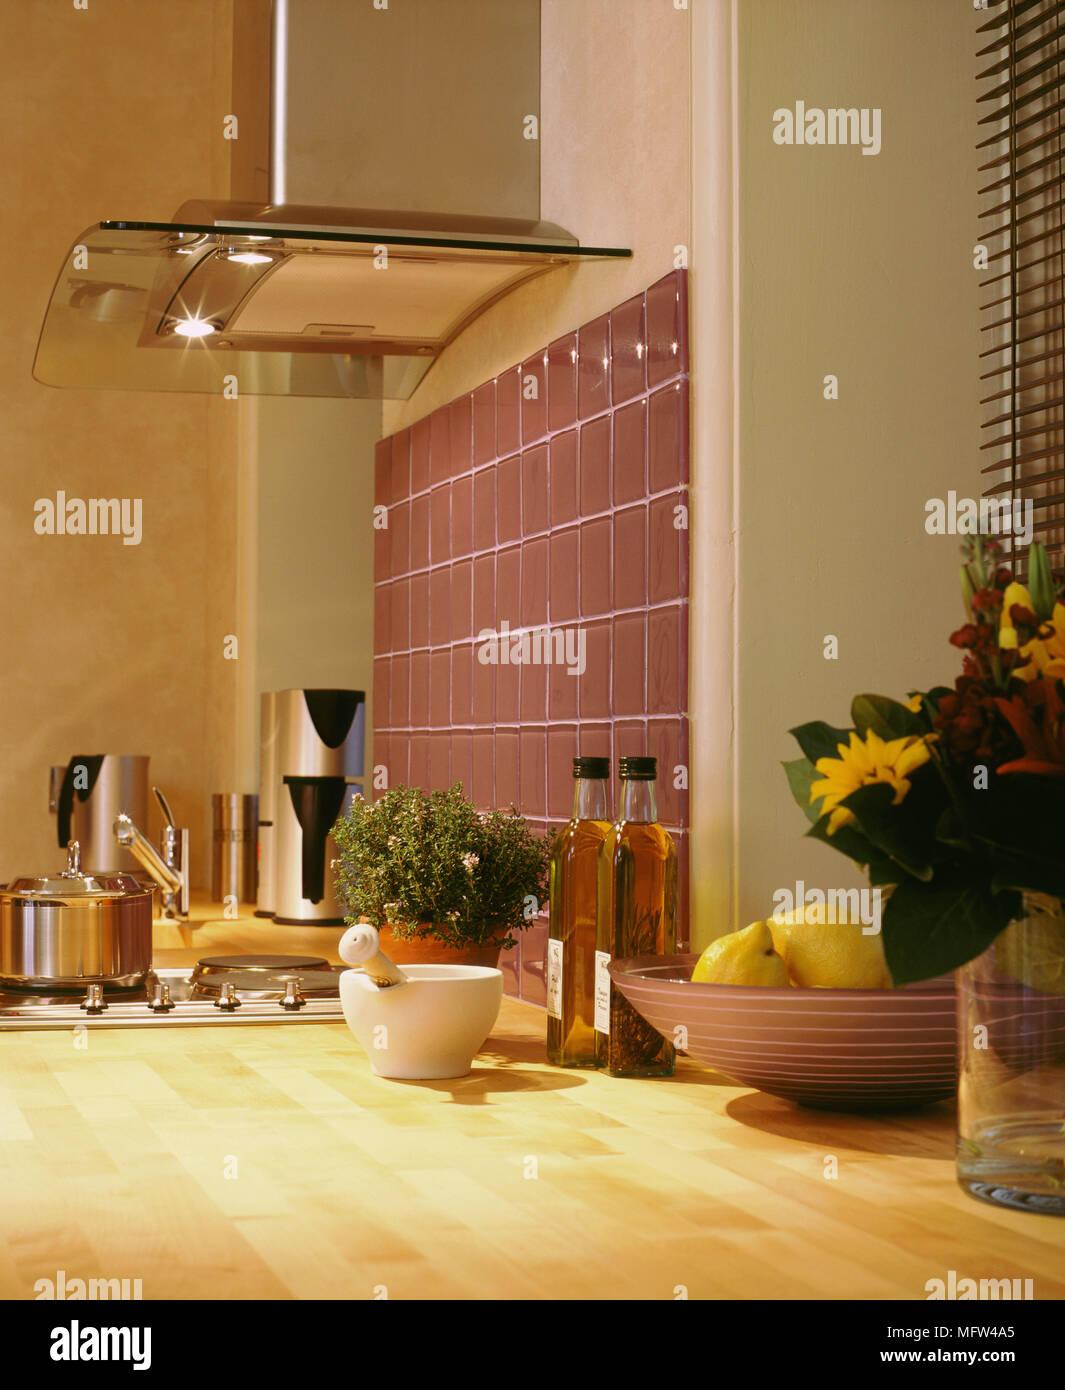 Wunderbar Küche Back Glas U Fliesen Bilder - Ideen Für Die Küche ...